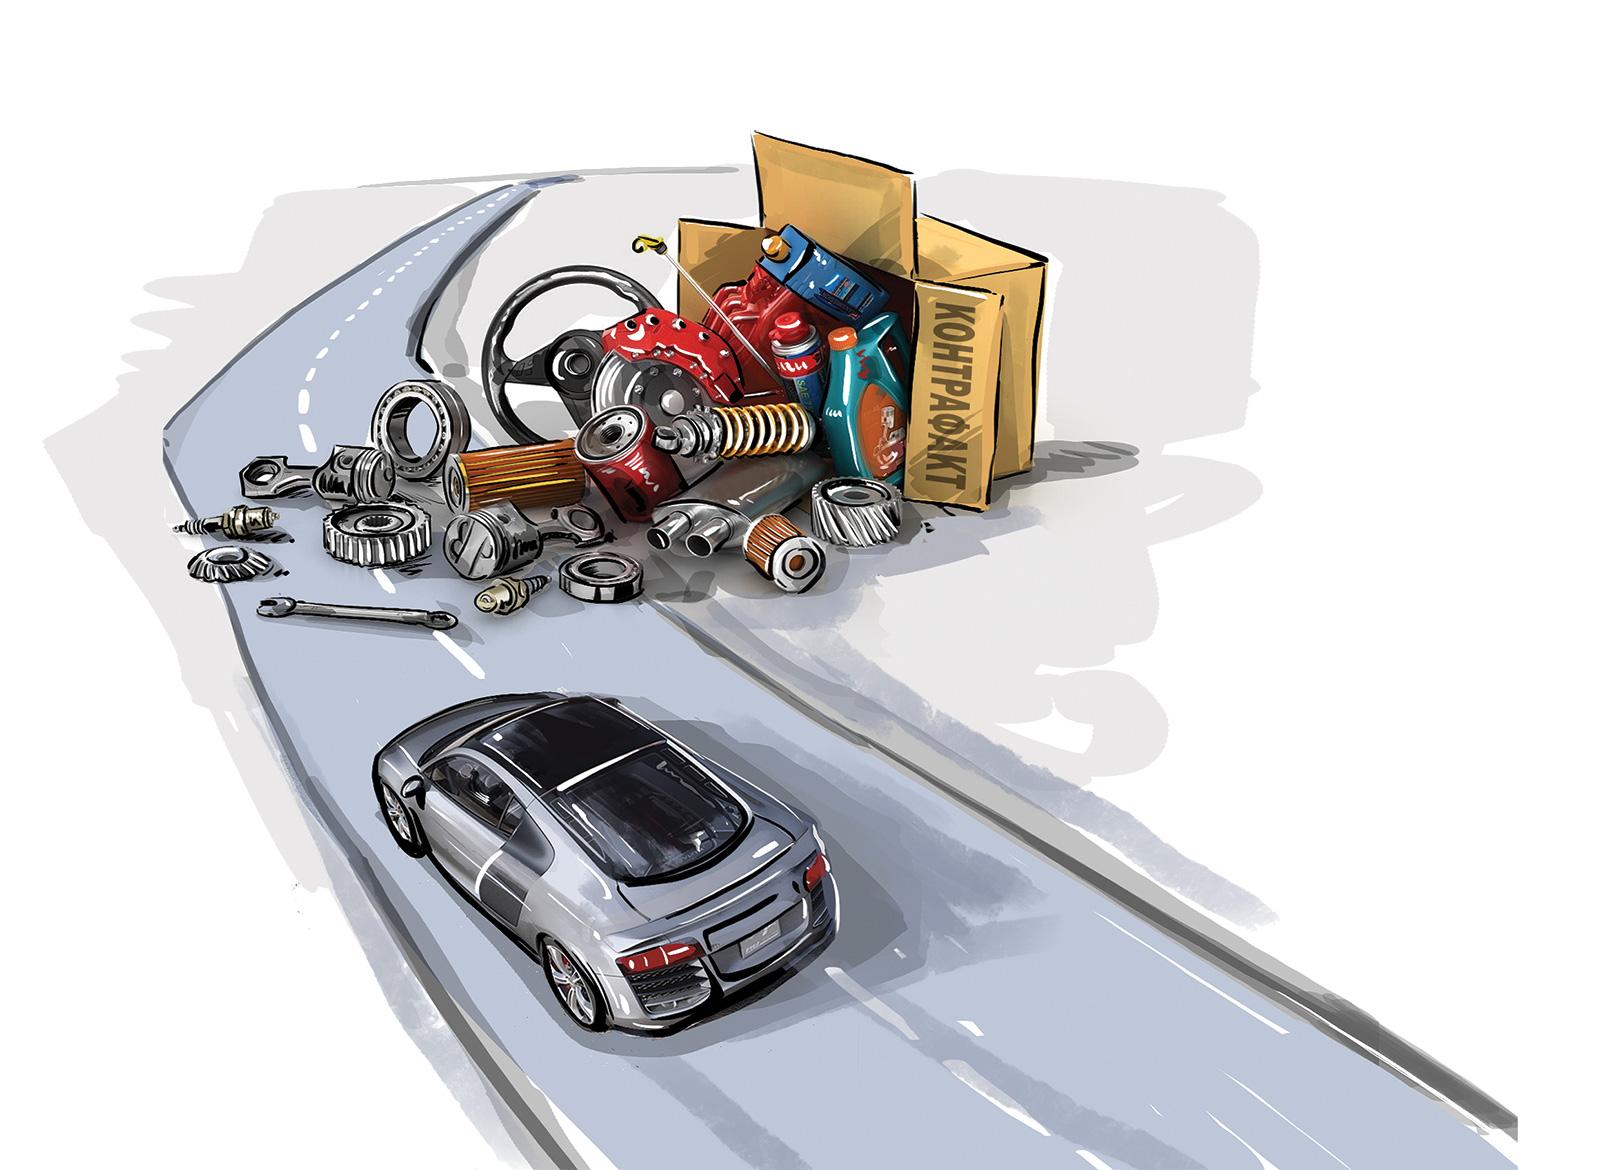 35294 Осторожно, контрафакт! Чем опасны поддельные автозапчасти и кто с ними должен бороться